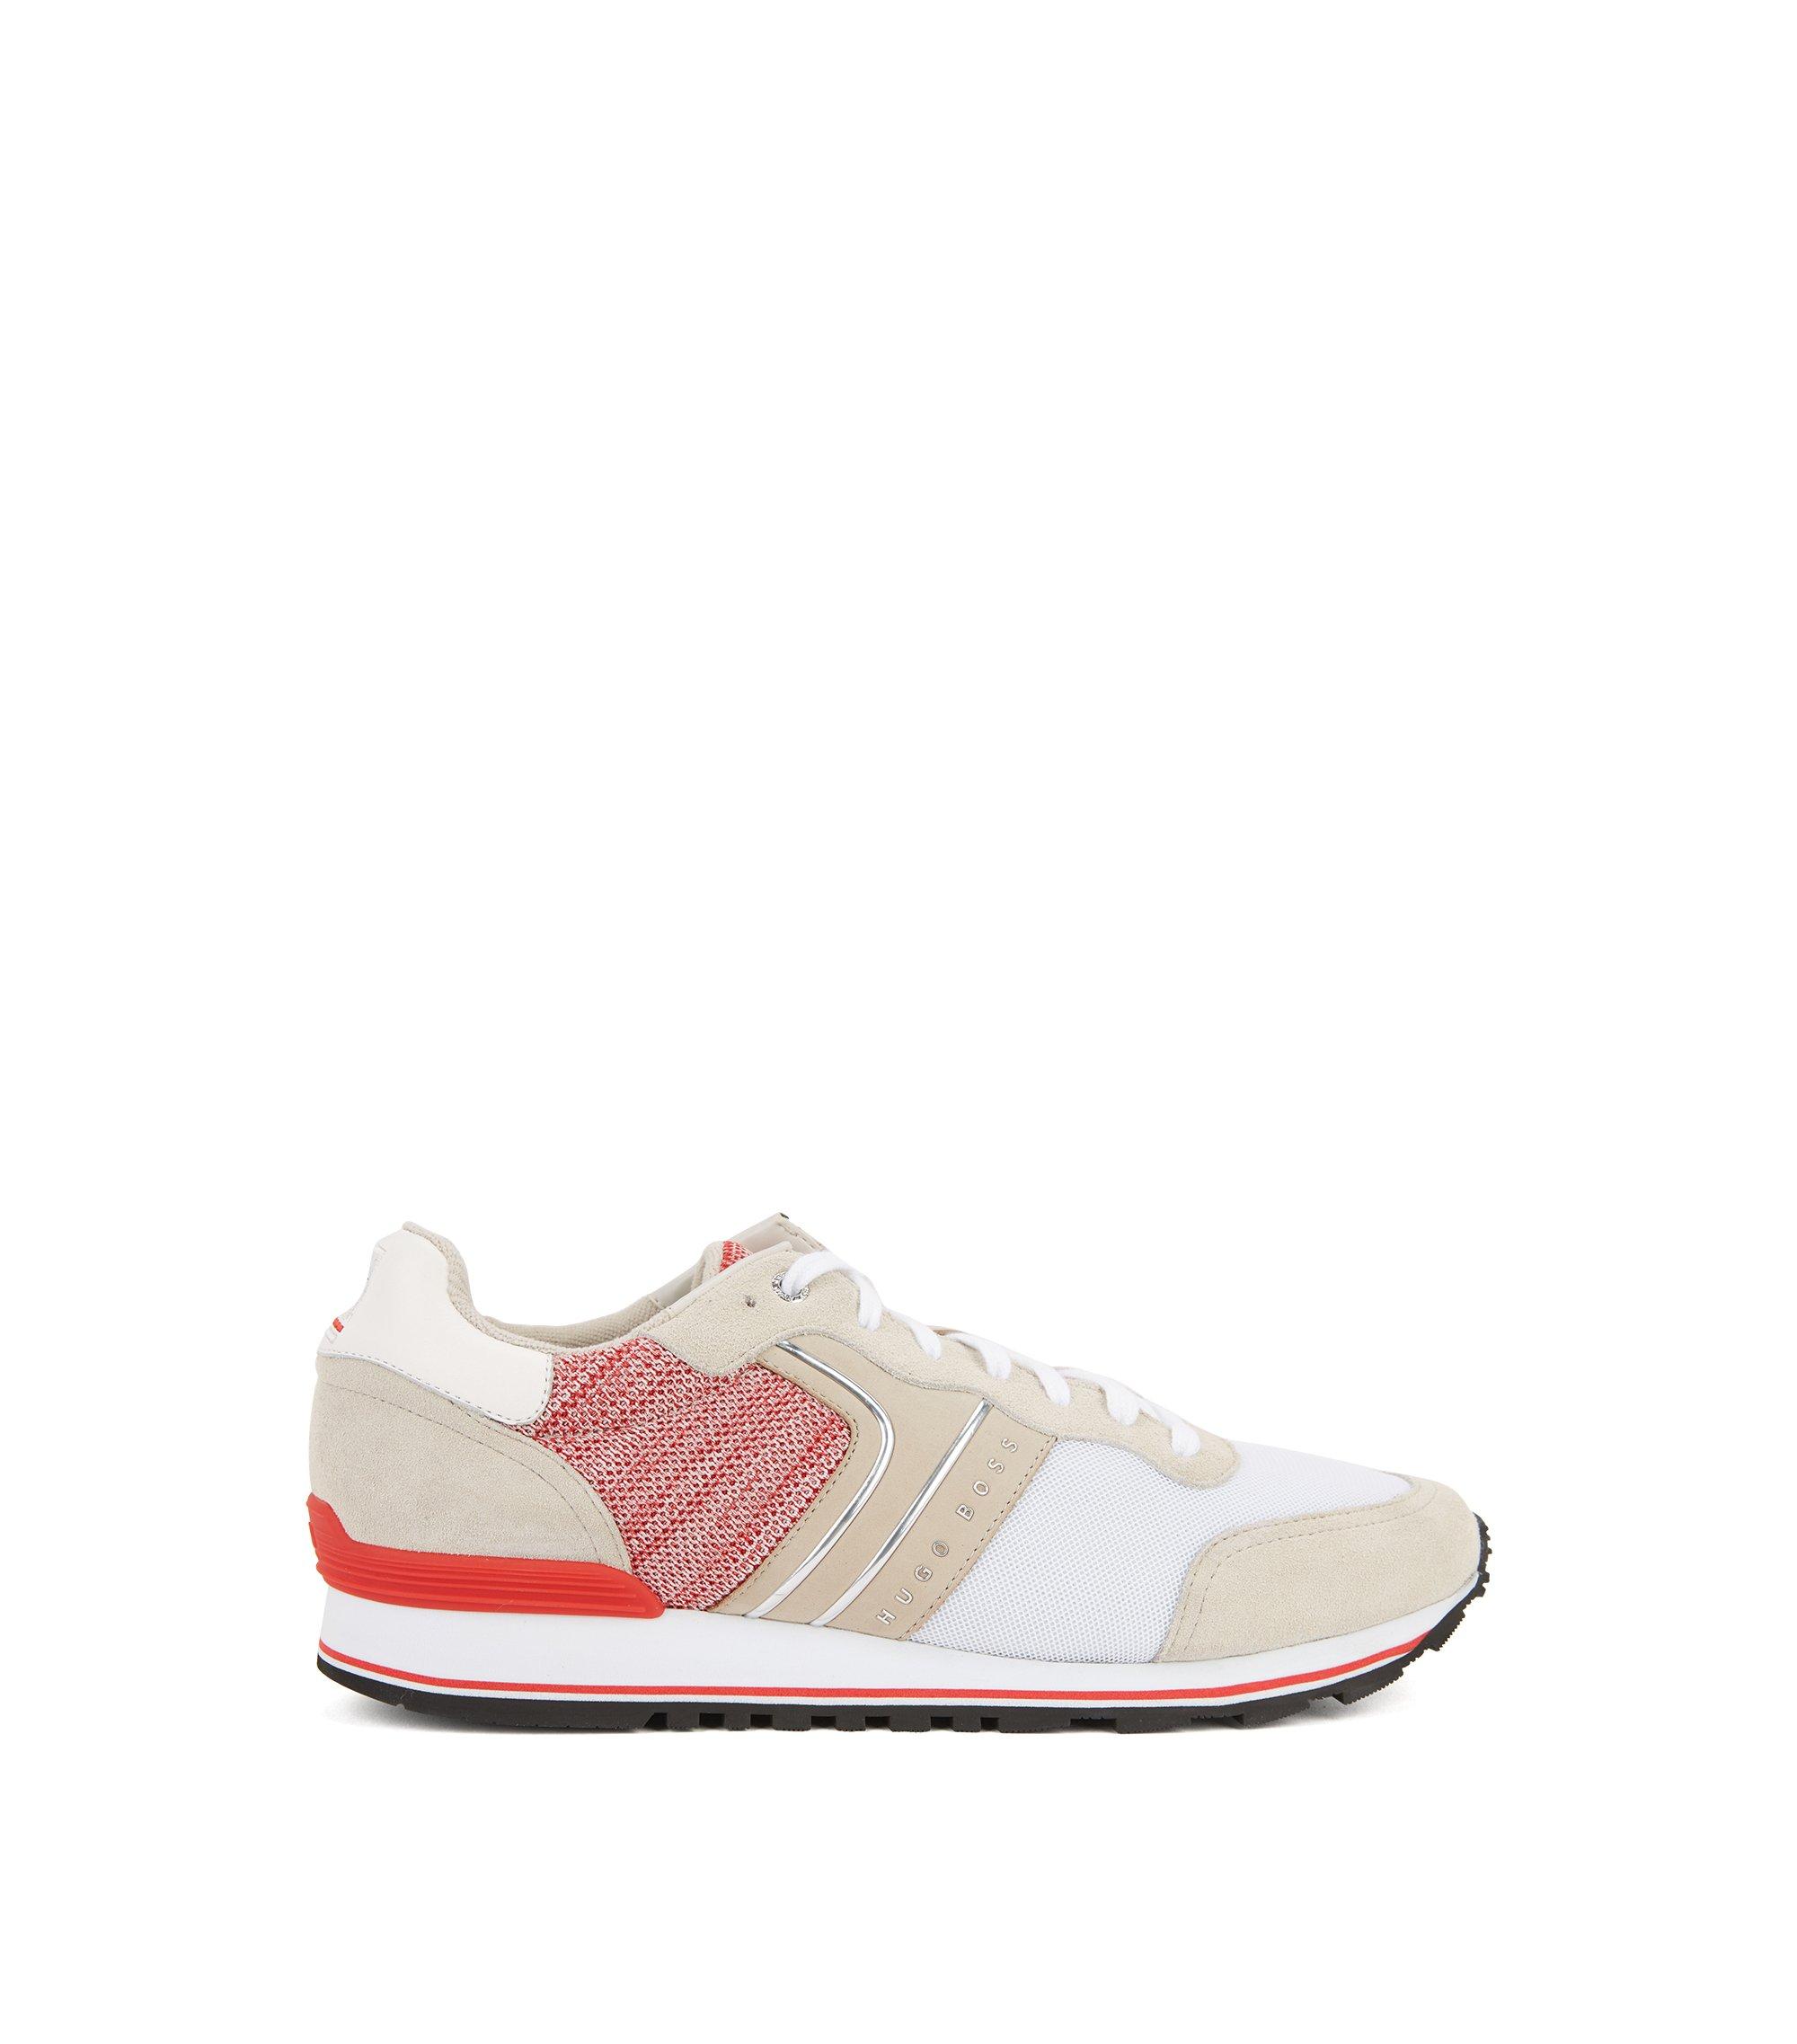 Lichte sneakers van suède, gebreid materiaal en mesh met vlagkleuren, Wit